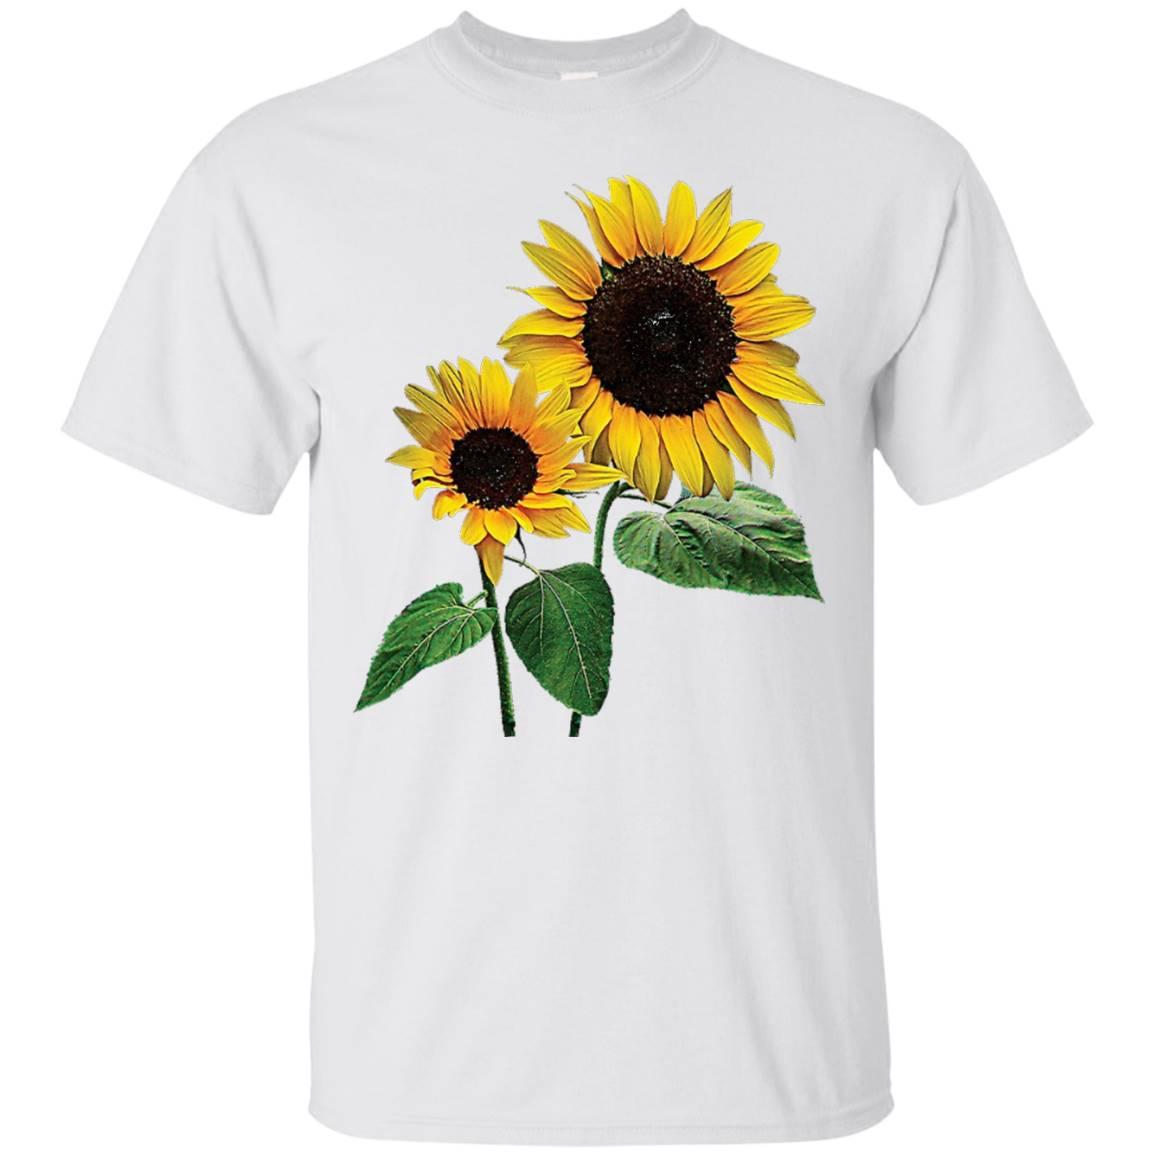 A Sunflower Mommy's Love – Sunflower T-Shirt